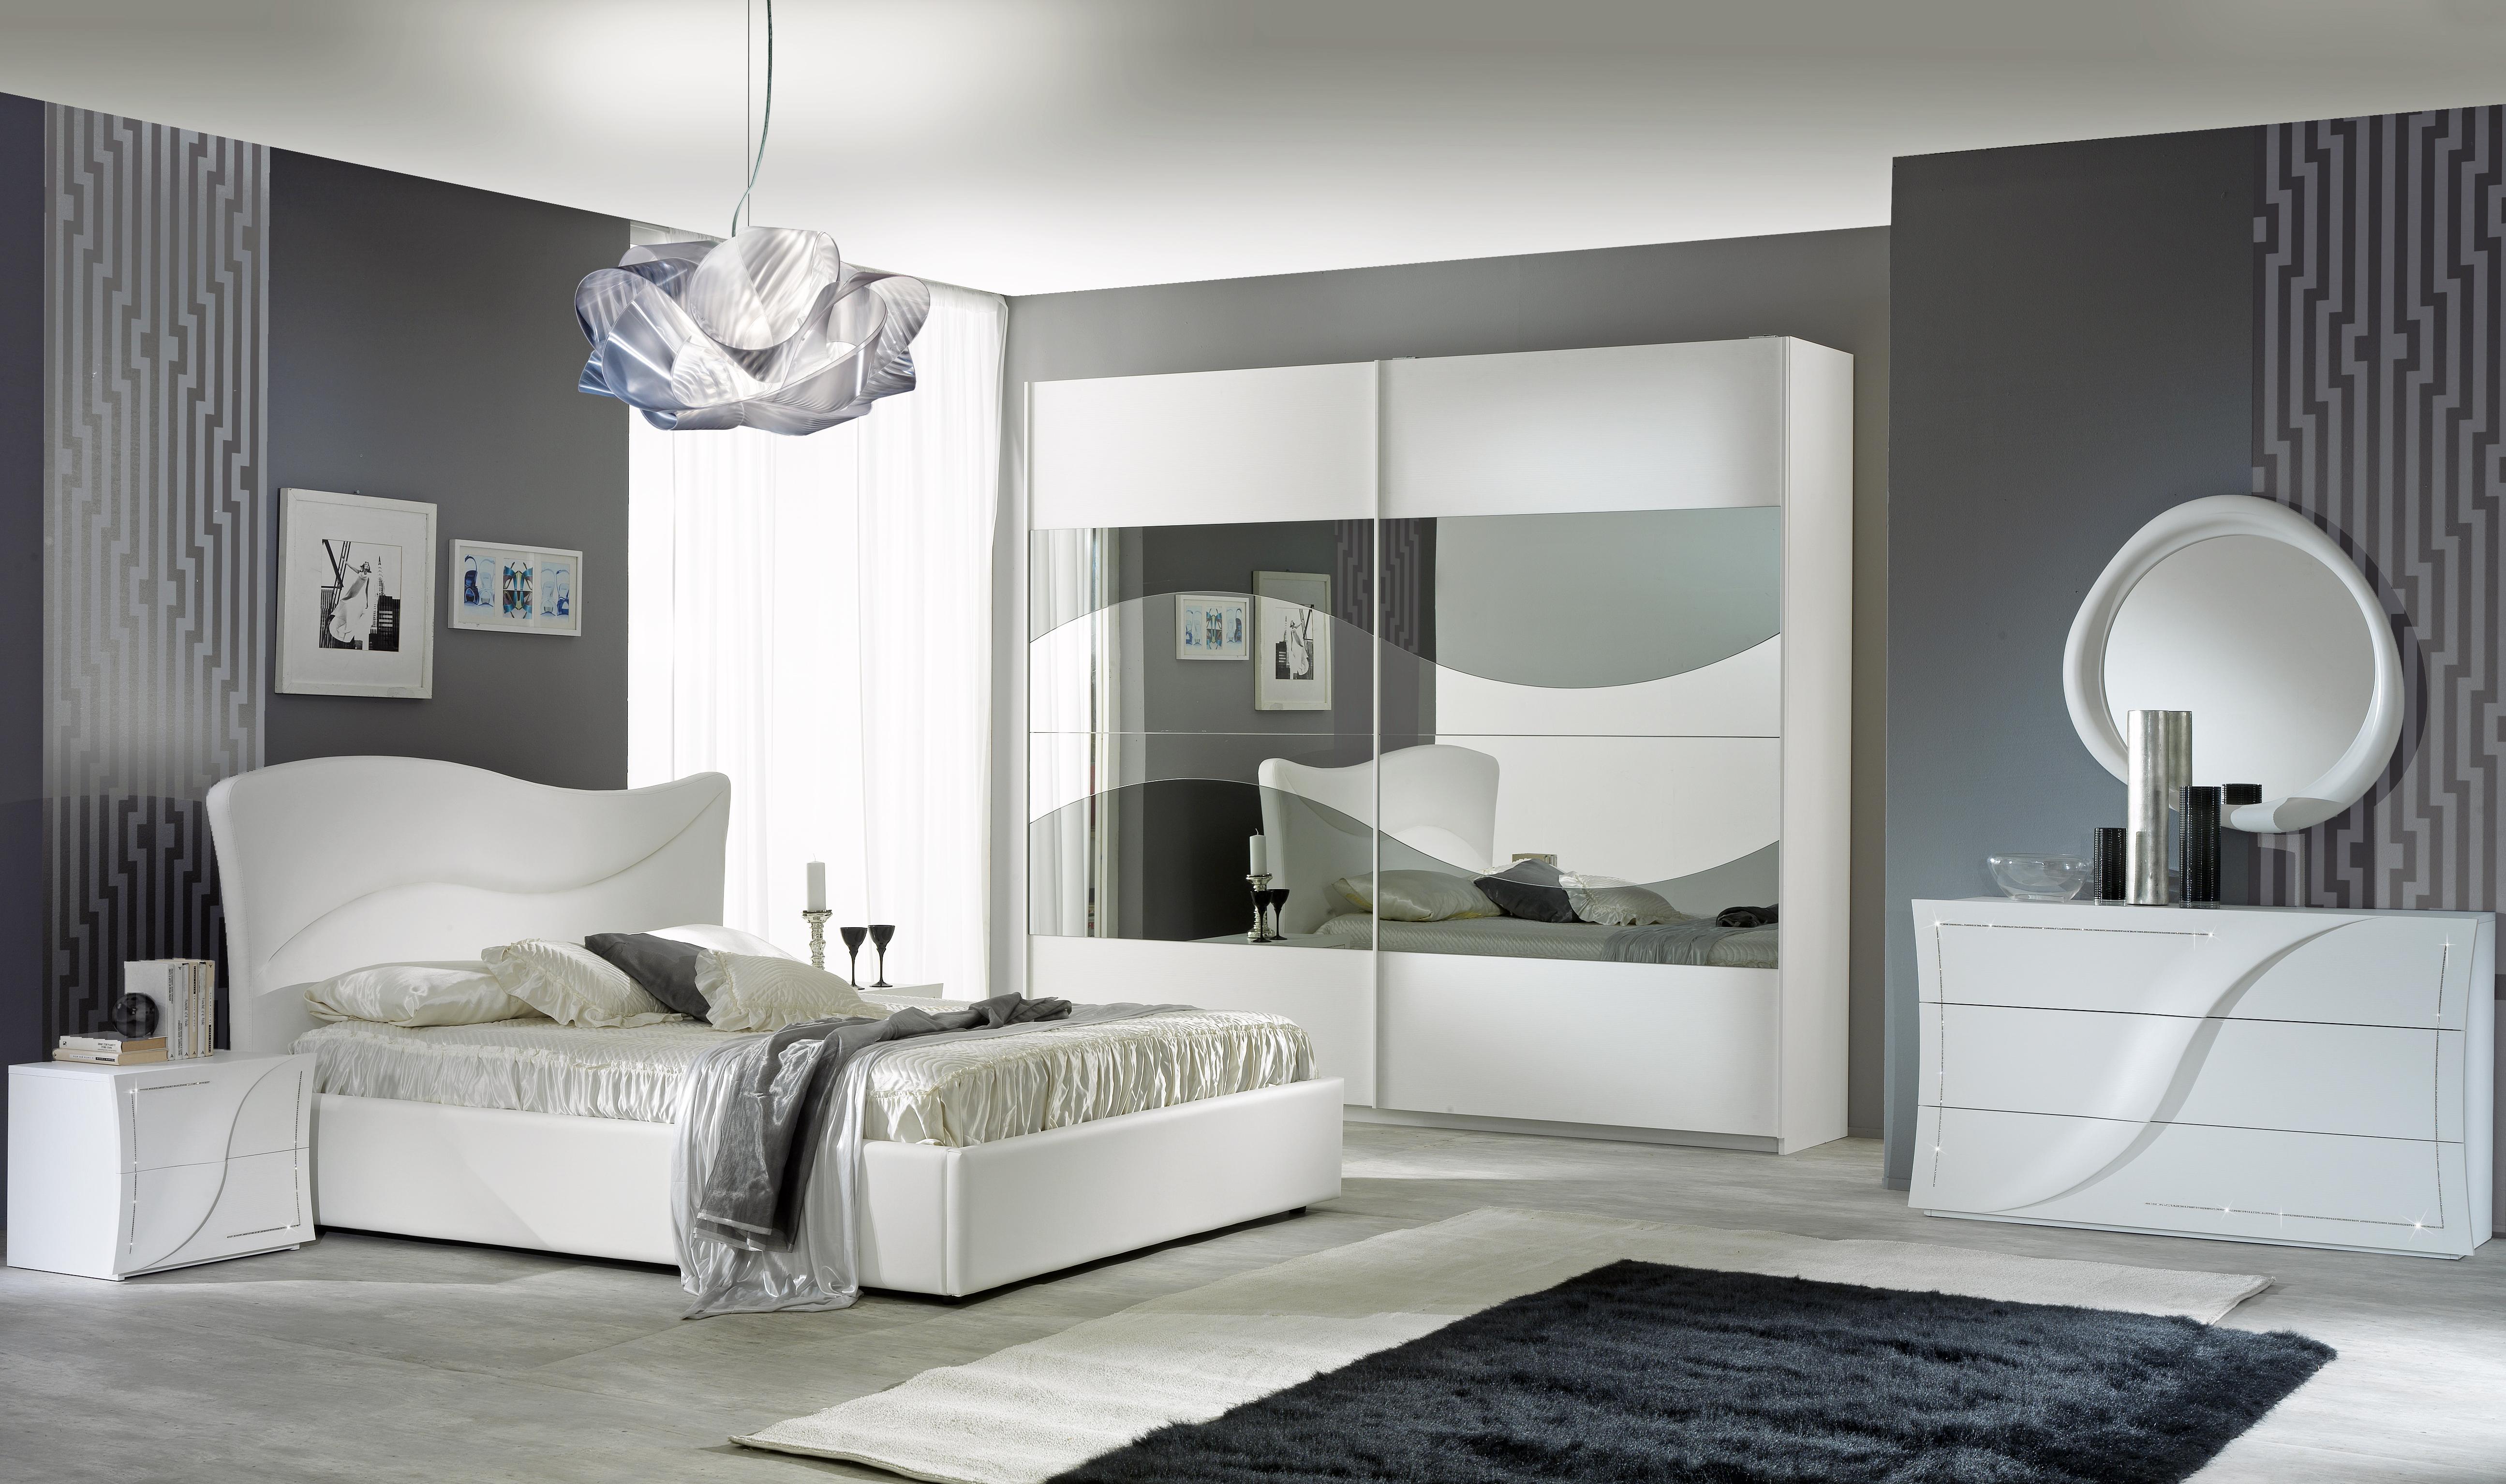 Schlafzimmer Set Aurora in Weiß - Kaufen bei KAPA Möbel